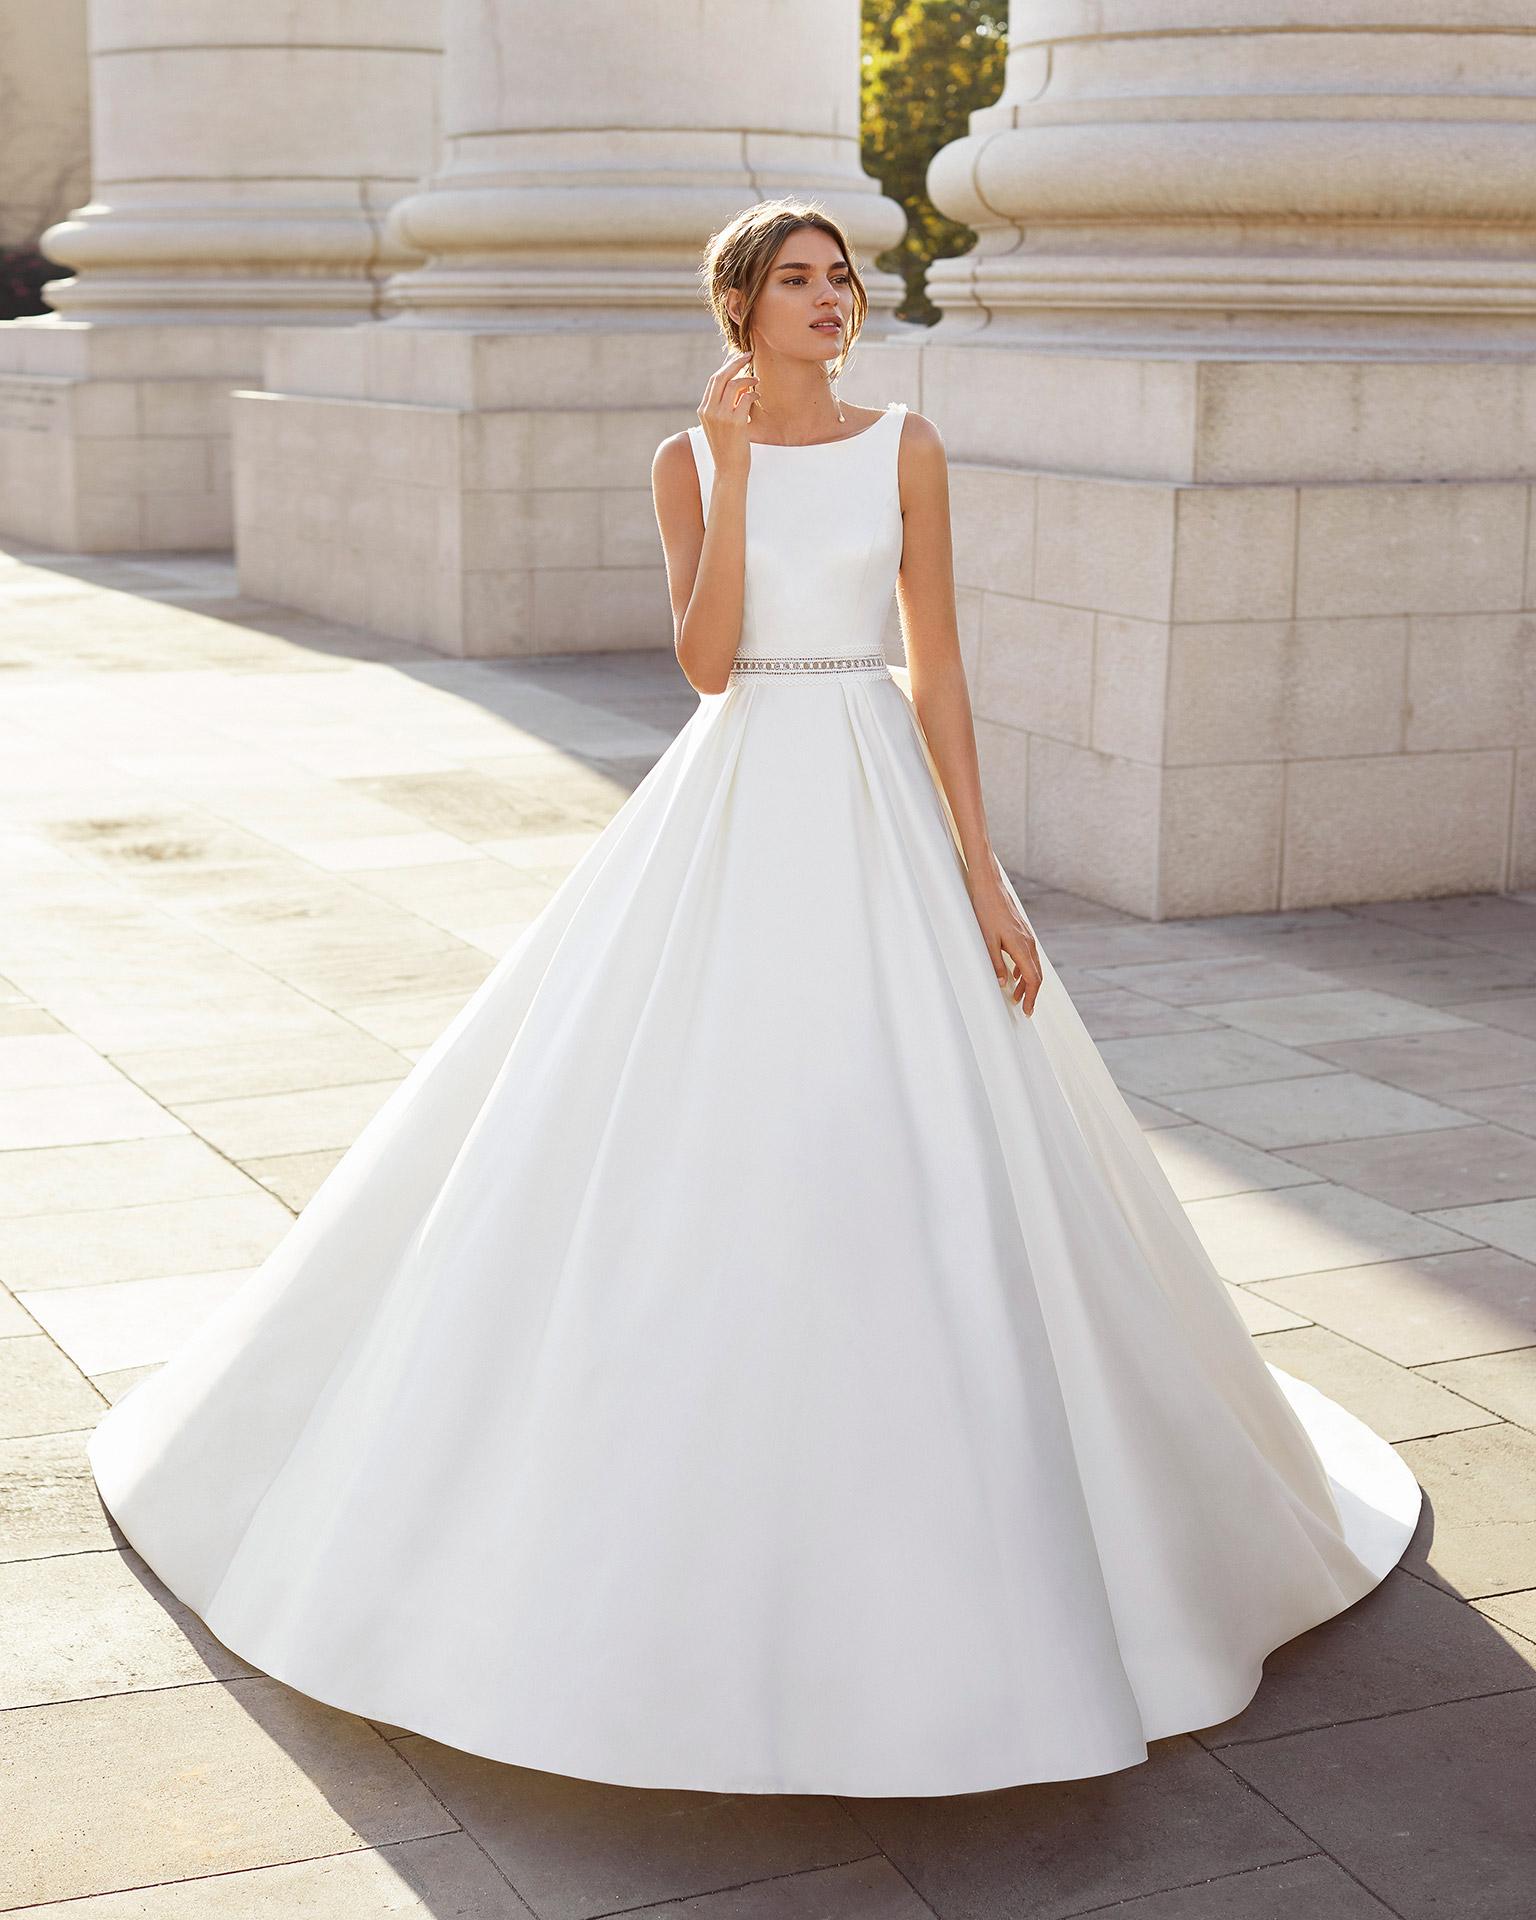 Vestido de novia estilo clásico de raso, encaje y pedrería. Escote barco y espalda transparente de encaje pedrería y lazo. Colección  2021.